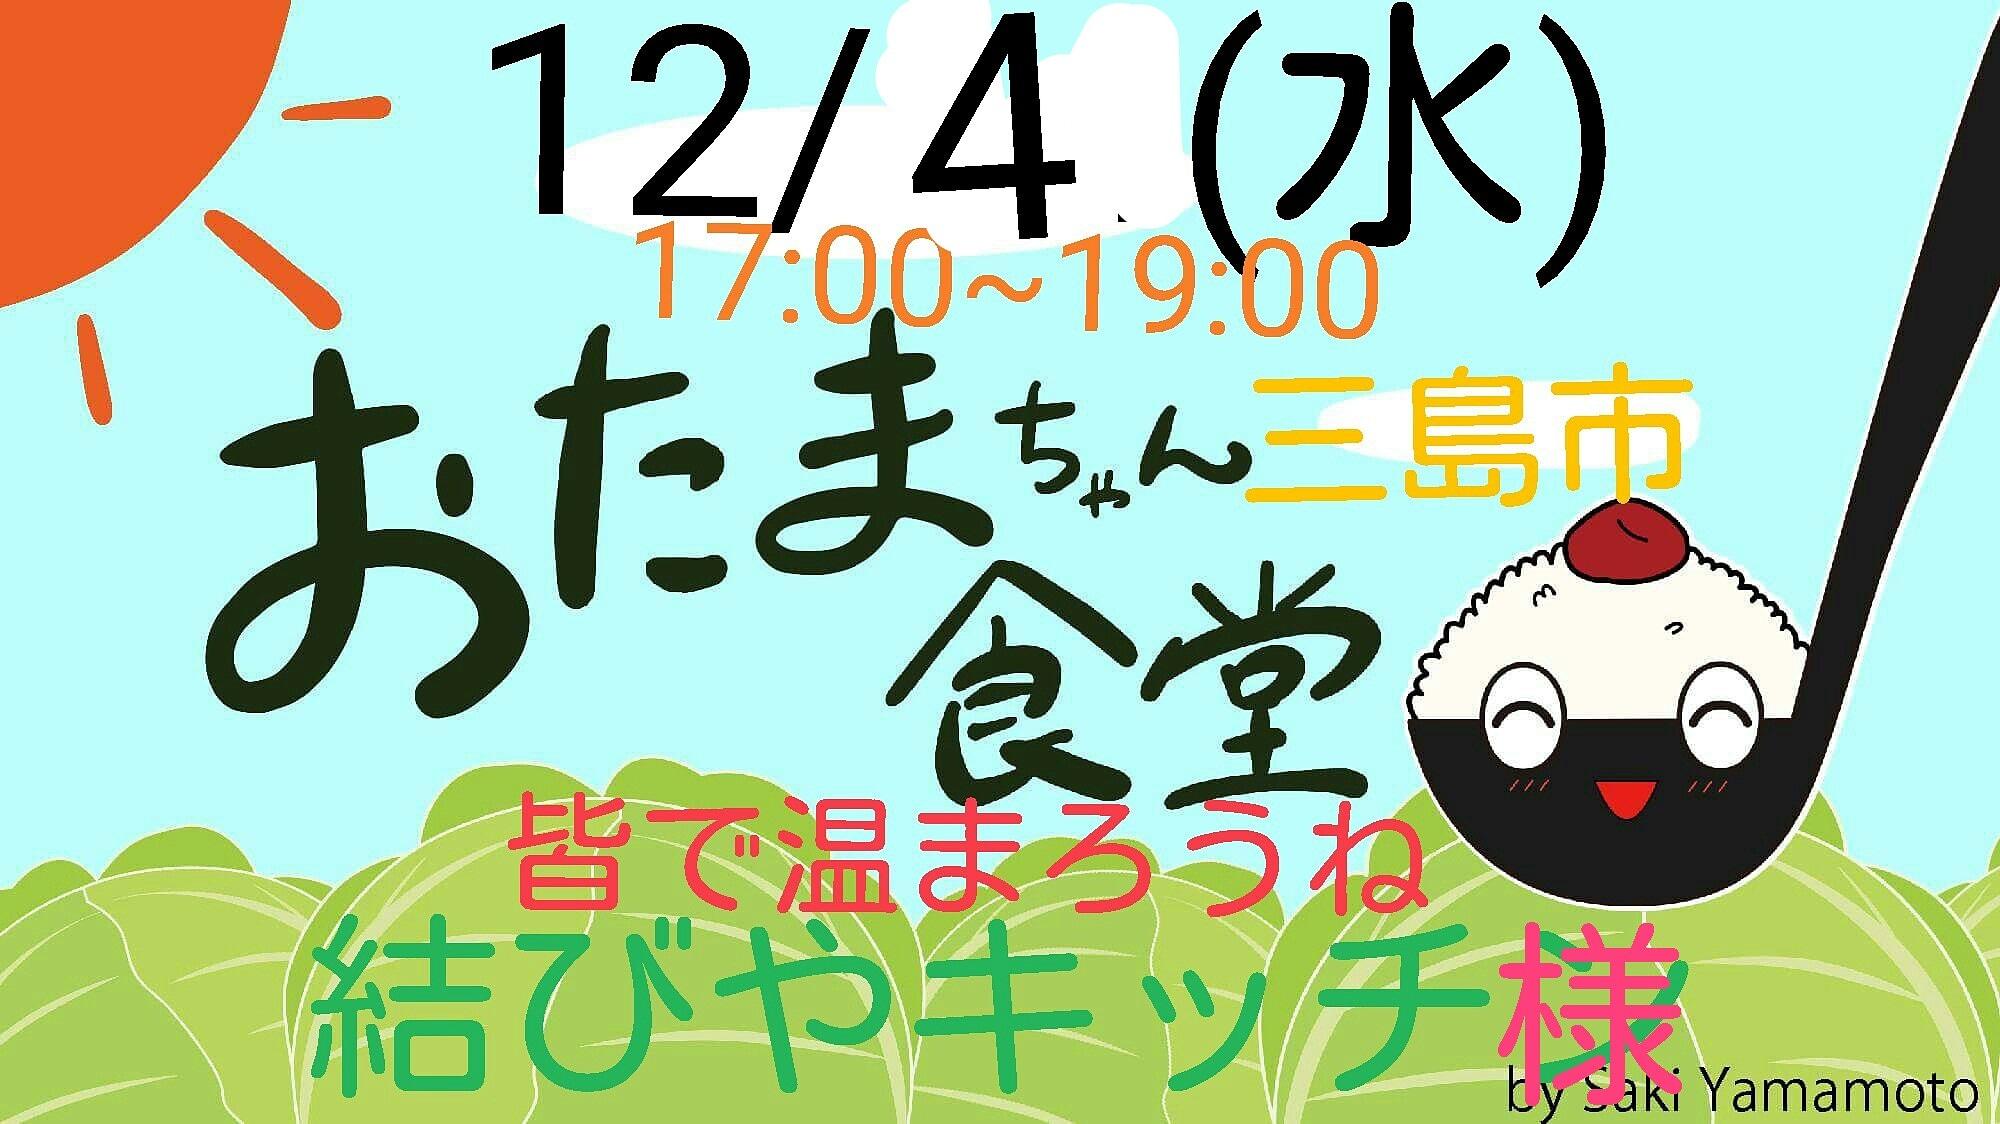 12/4(水)17:00~ 結びやキッチンさん 待ってまーす(⌒‐⌒)